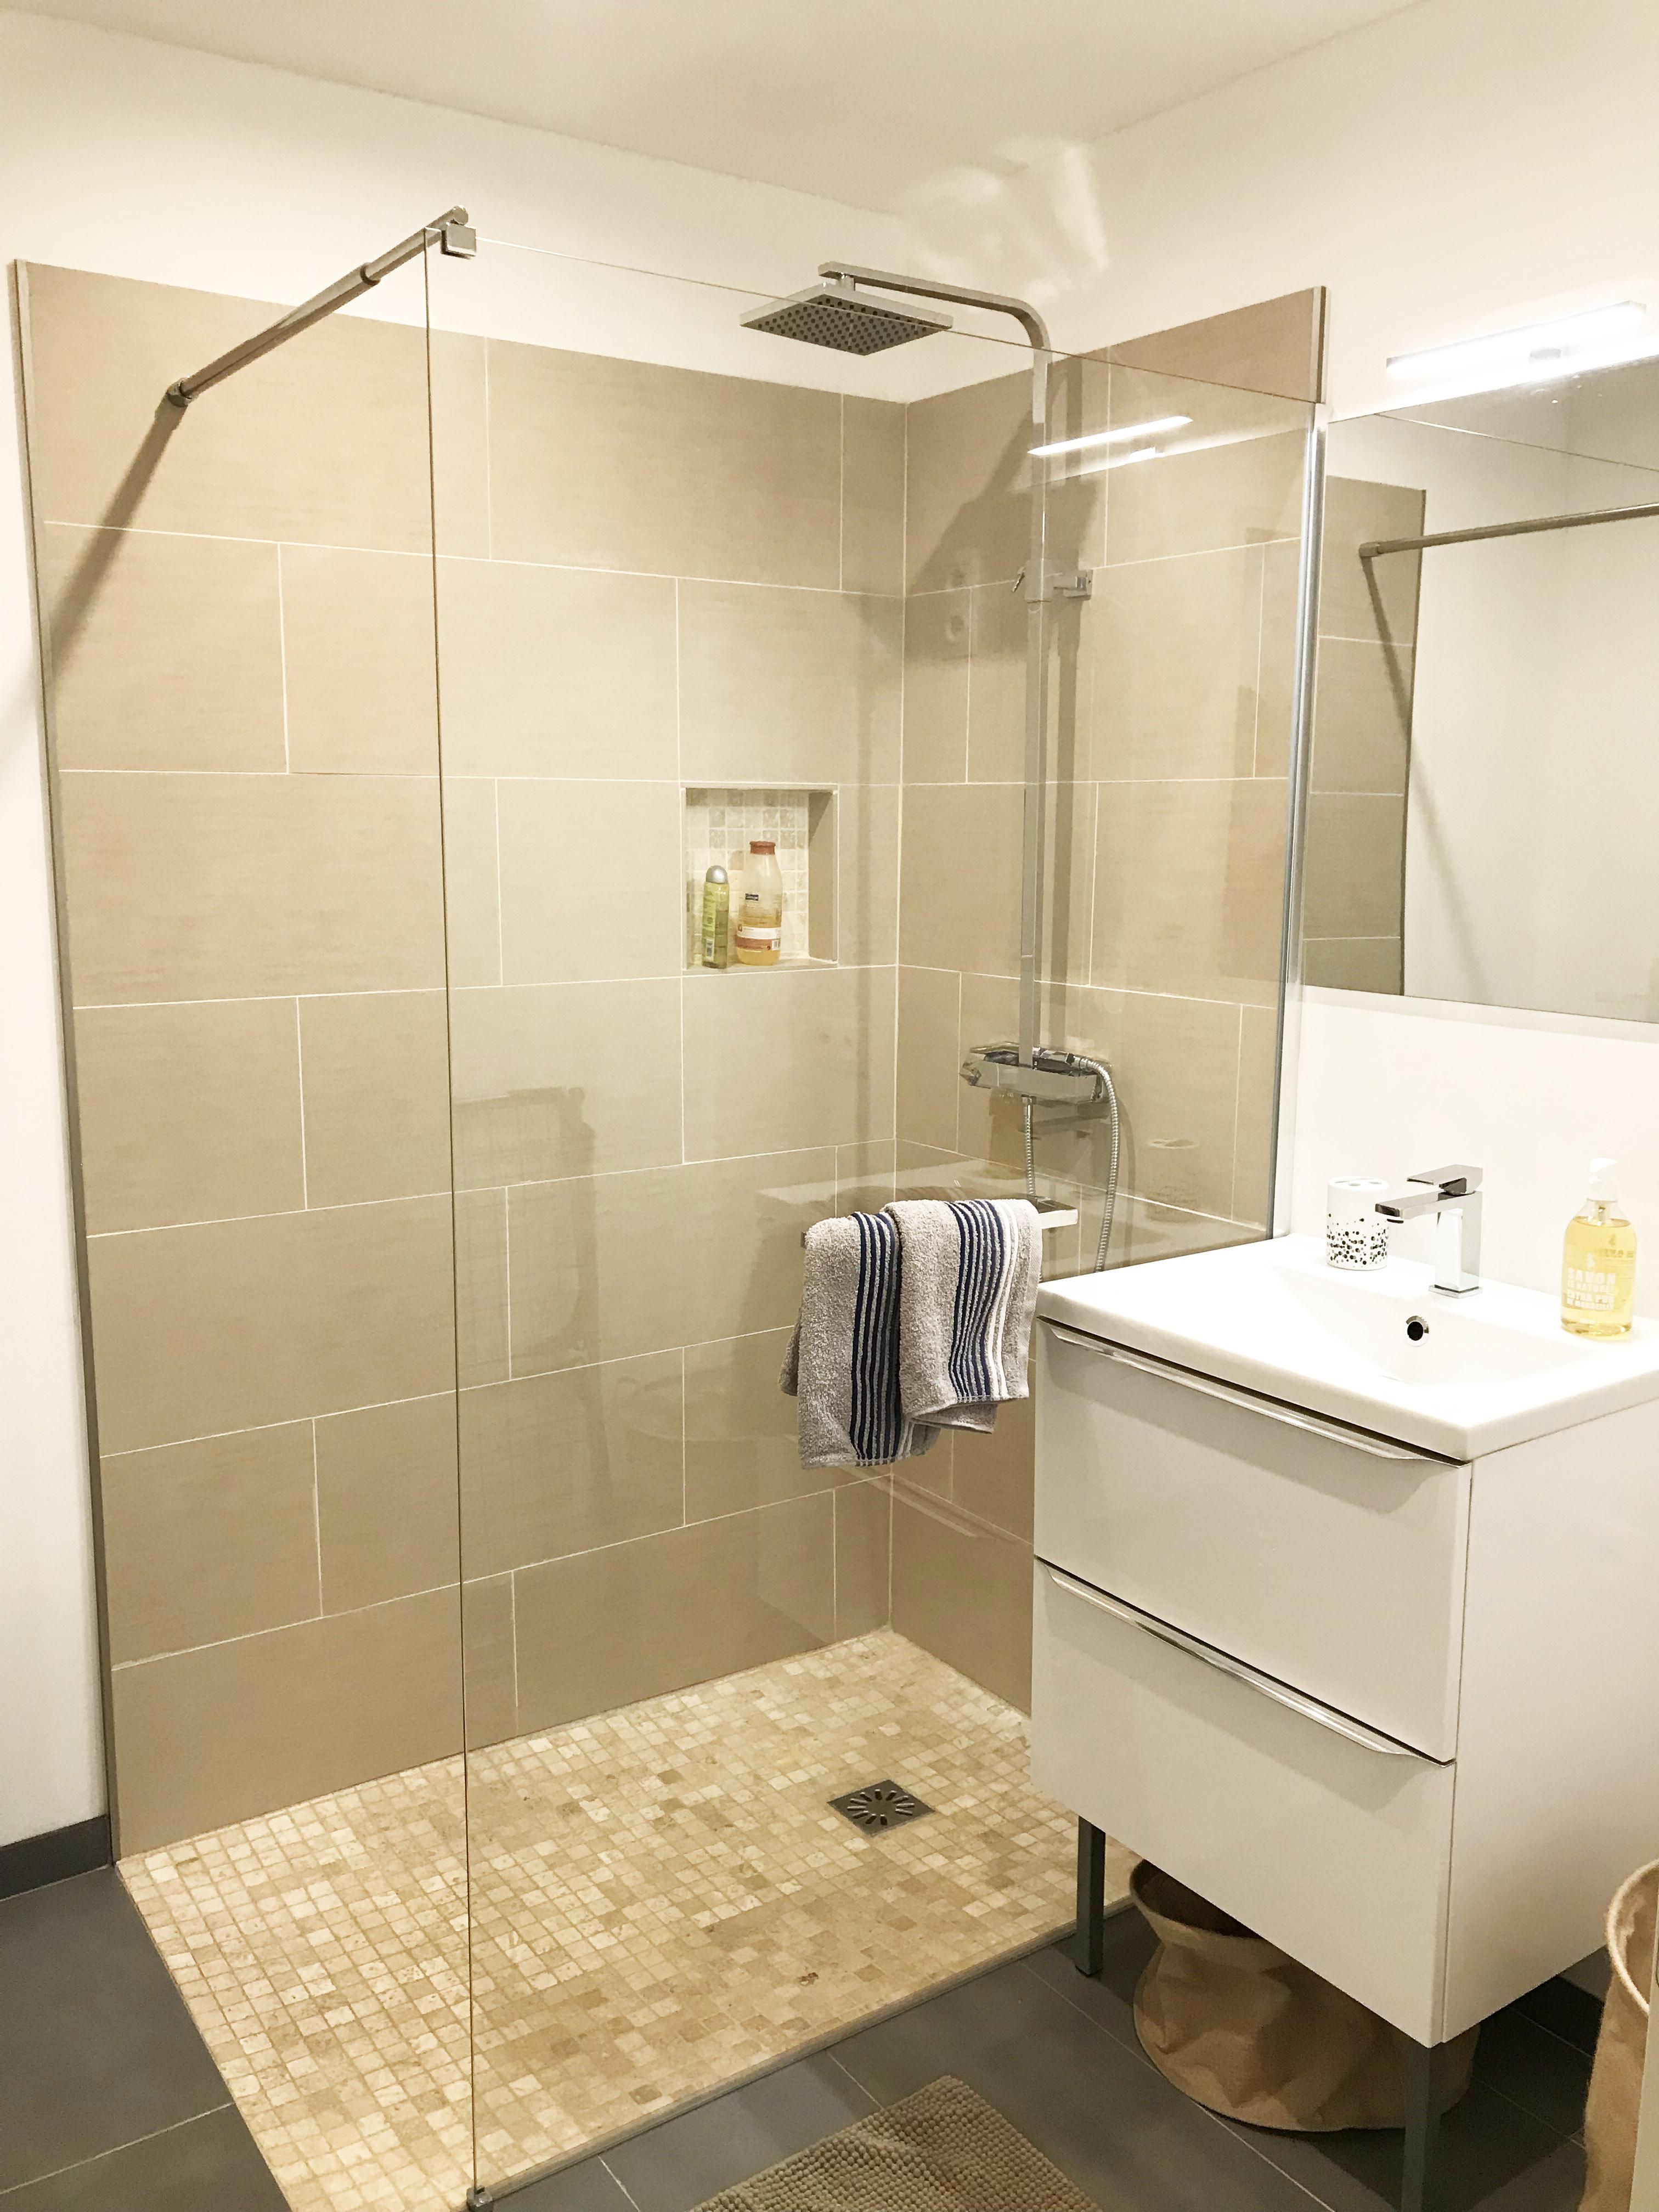 Entreprise de rénovation de salle de bain Montpellier - Pose douche ...